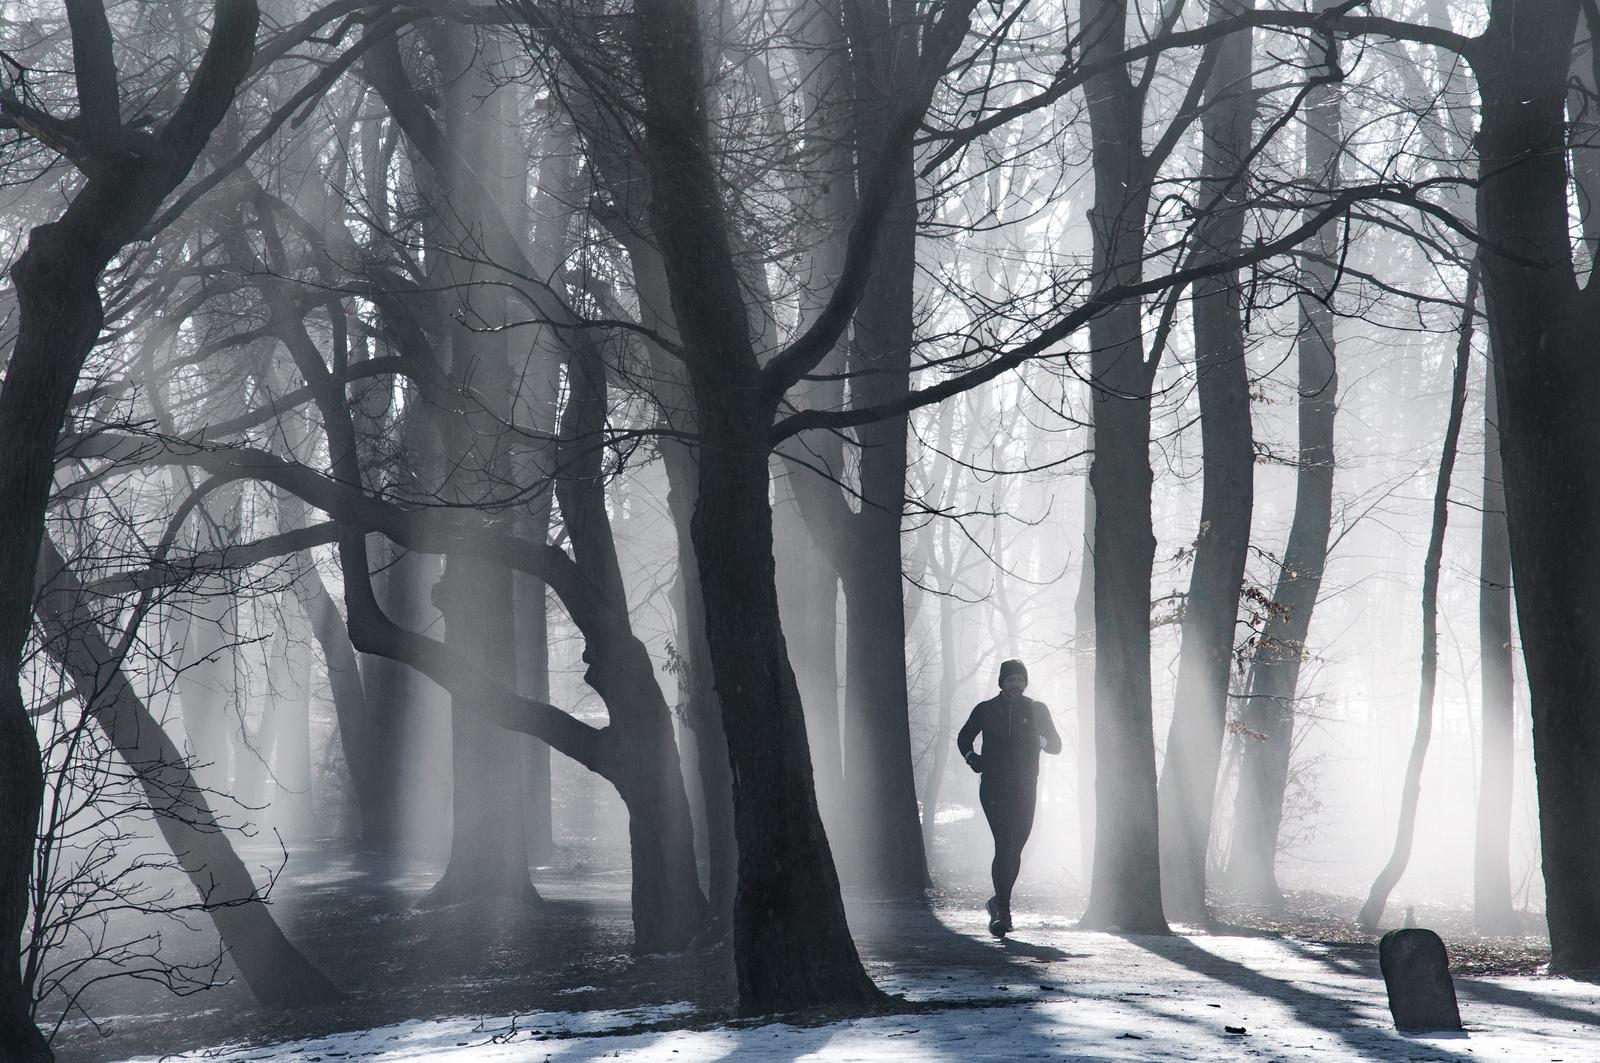 köd előttem - köd utánam